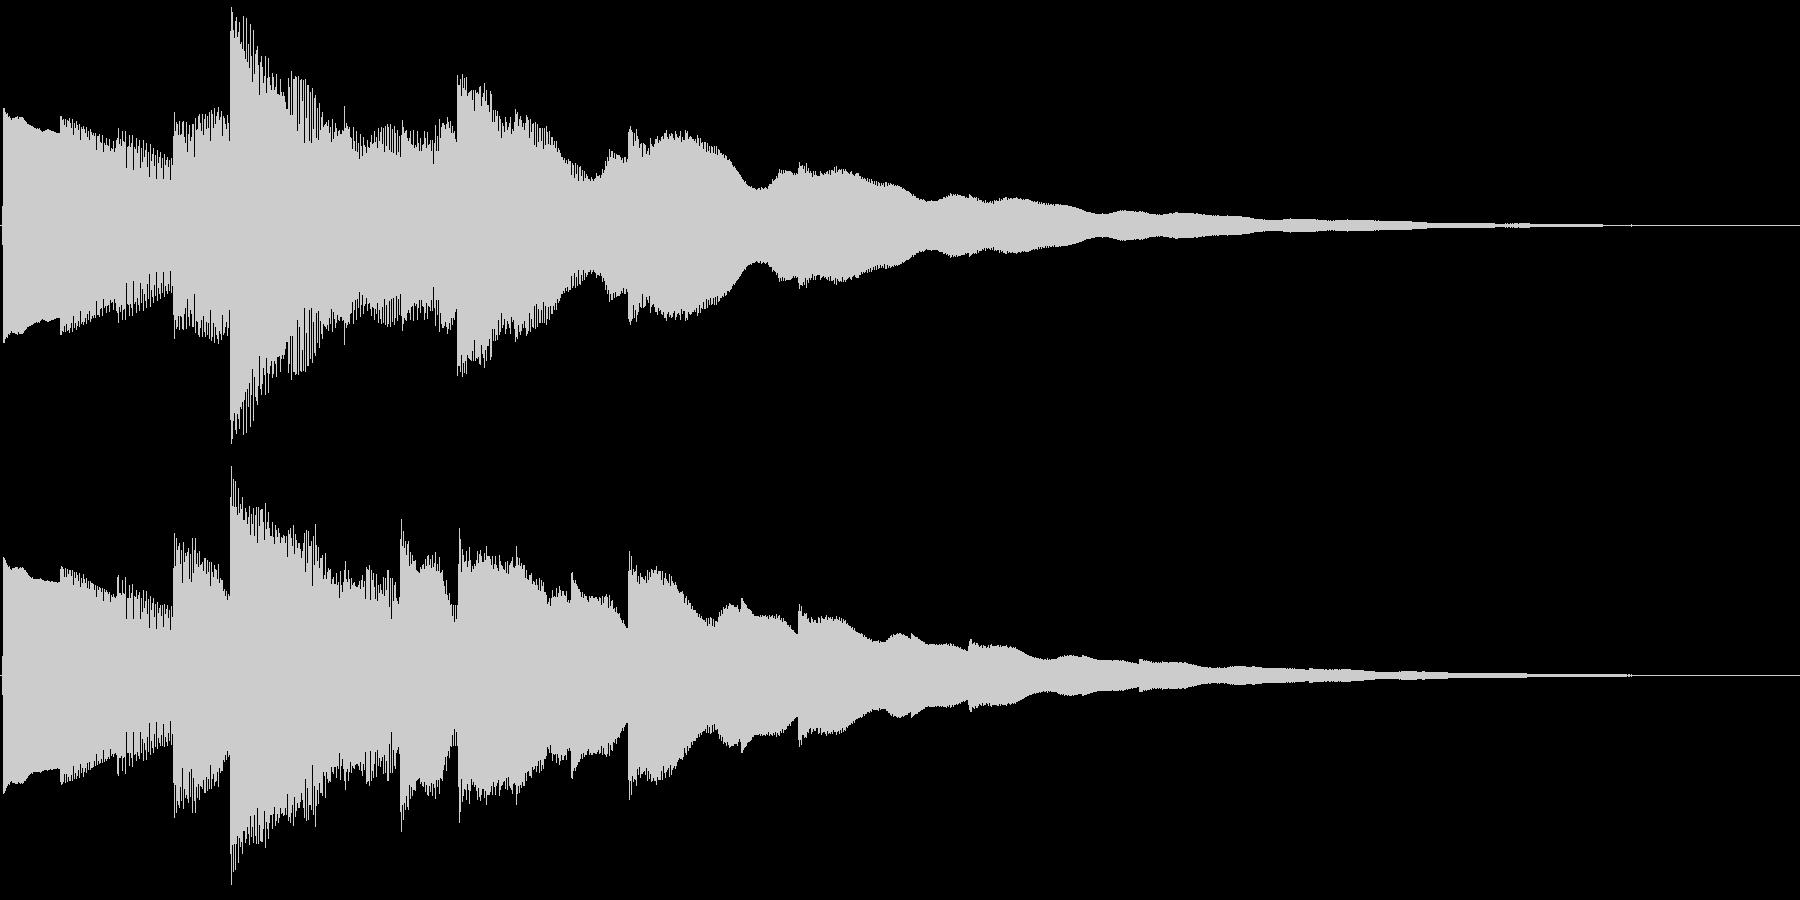 ベルの静かな場面転回音11の未再生の波形